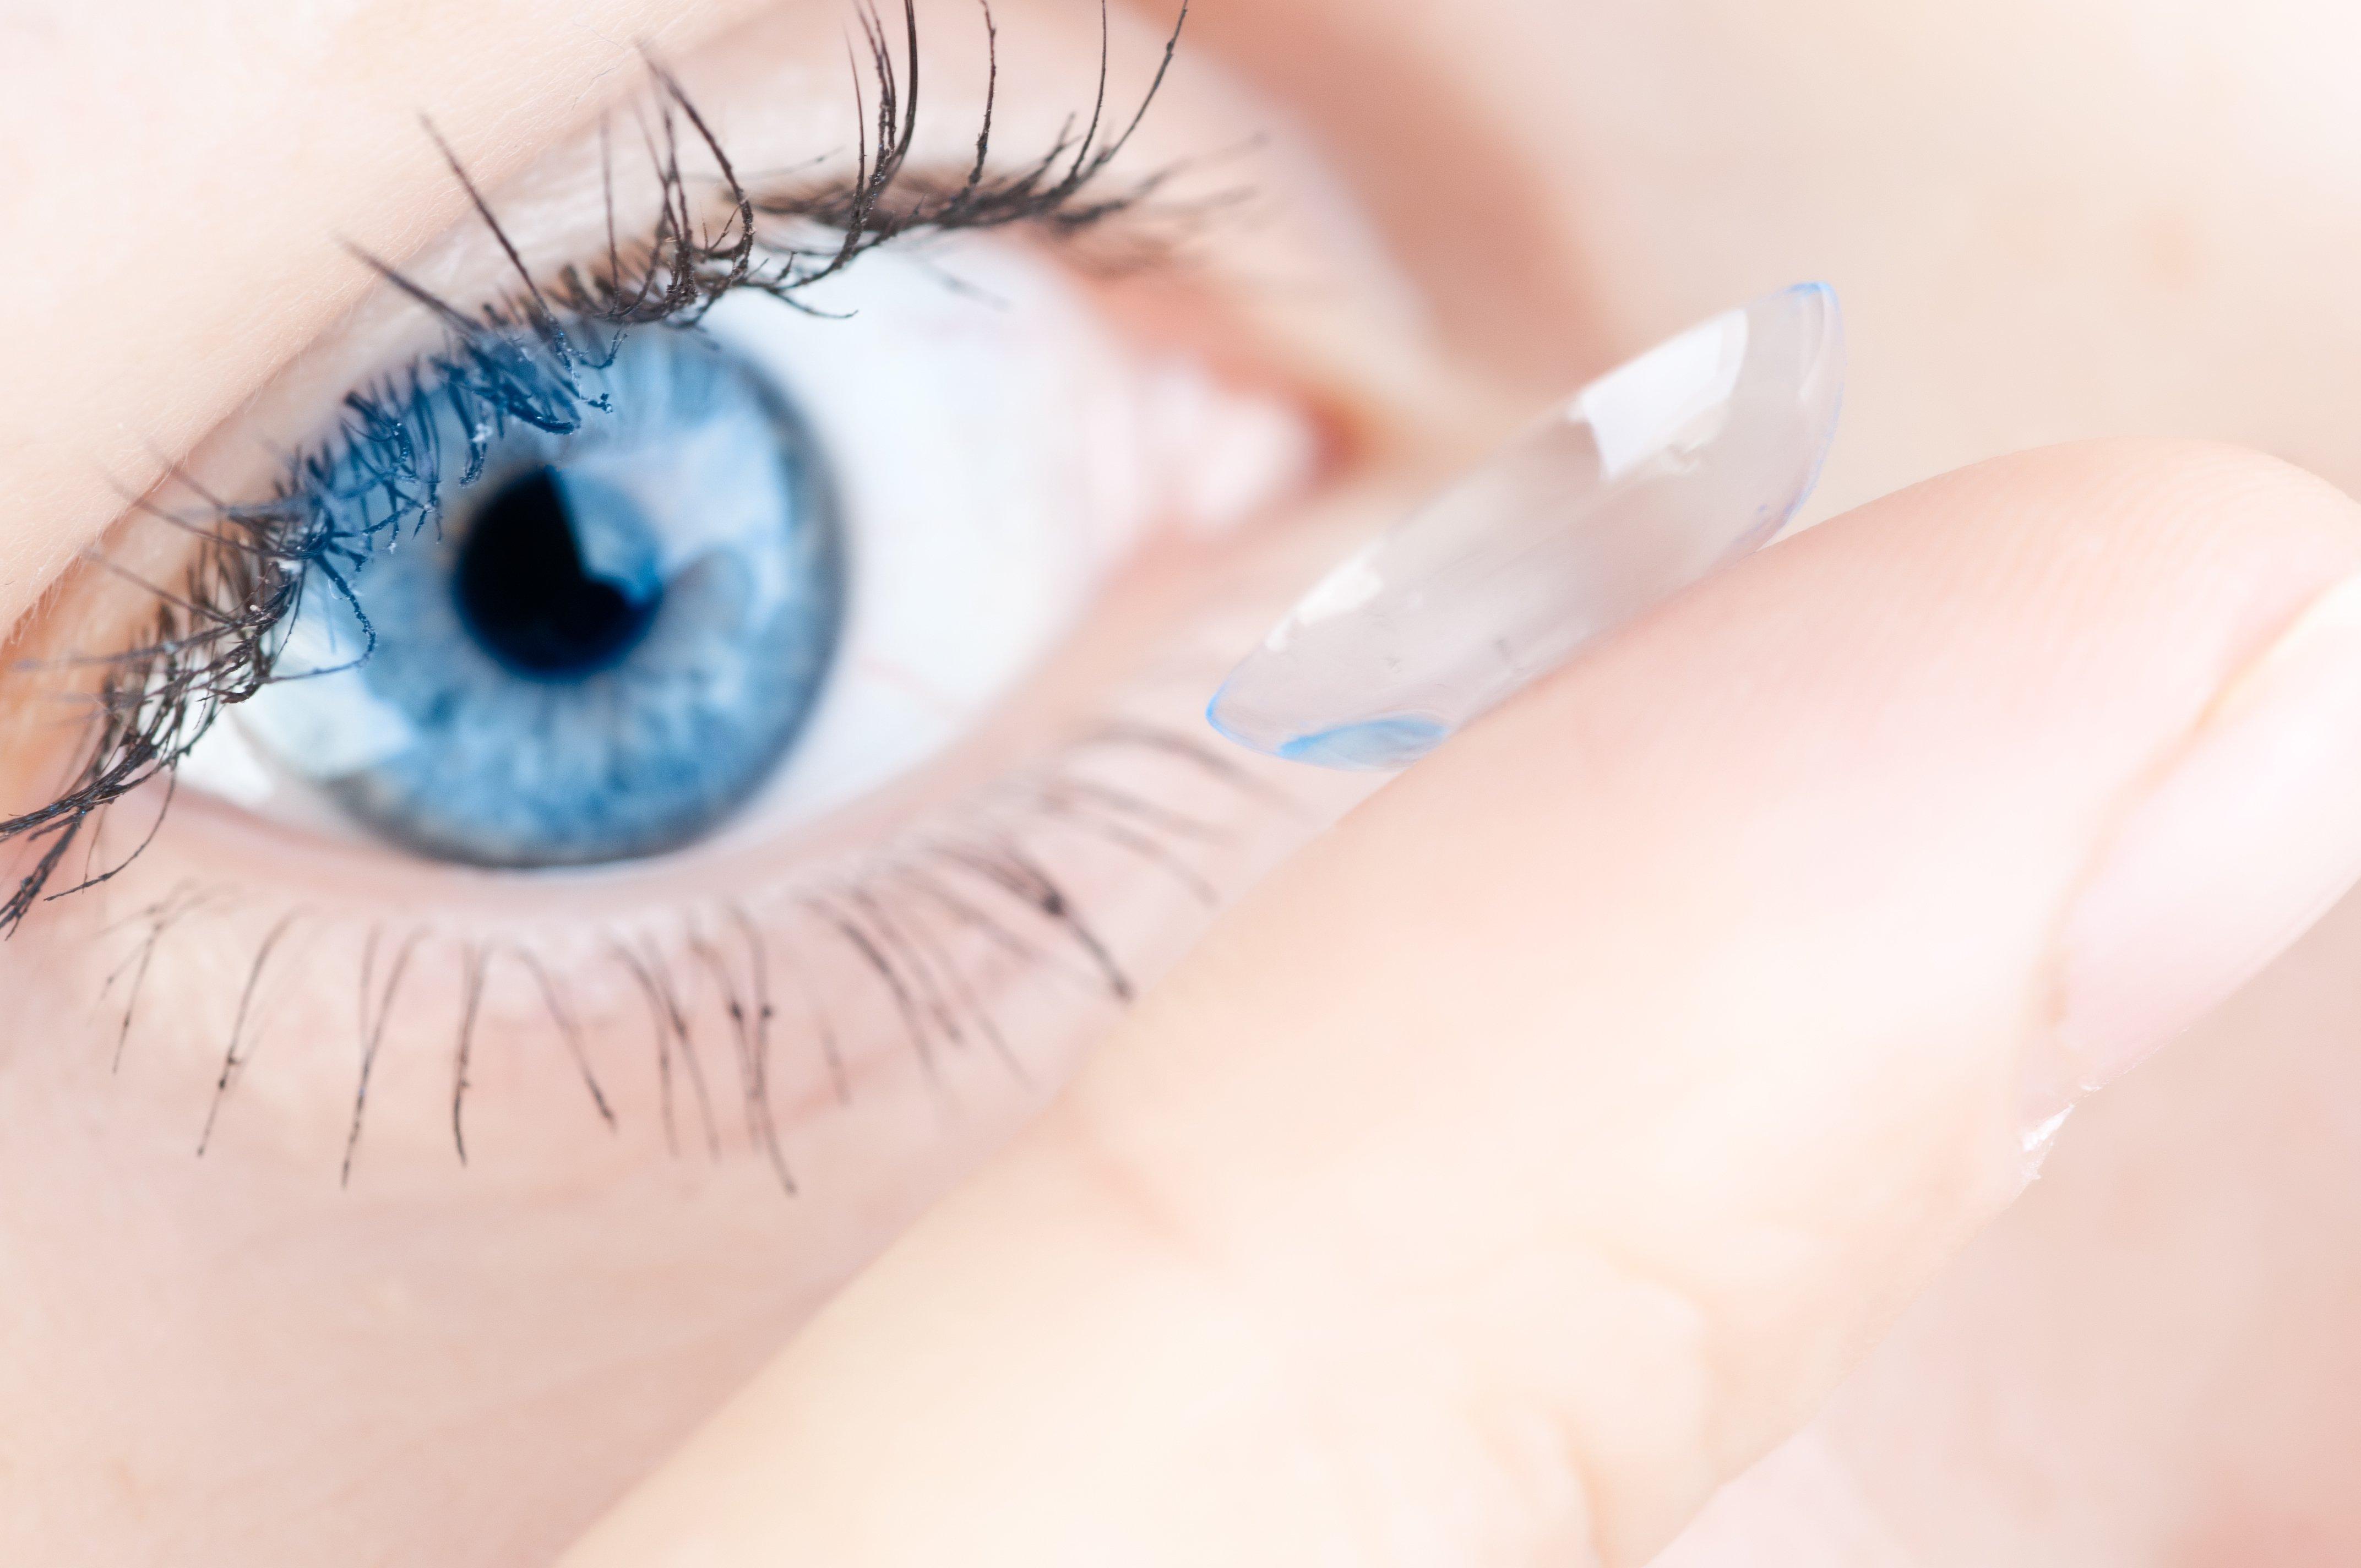 Стоимость самых популярных однодневных контактных линз